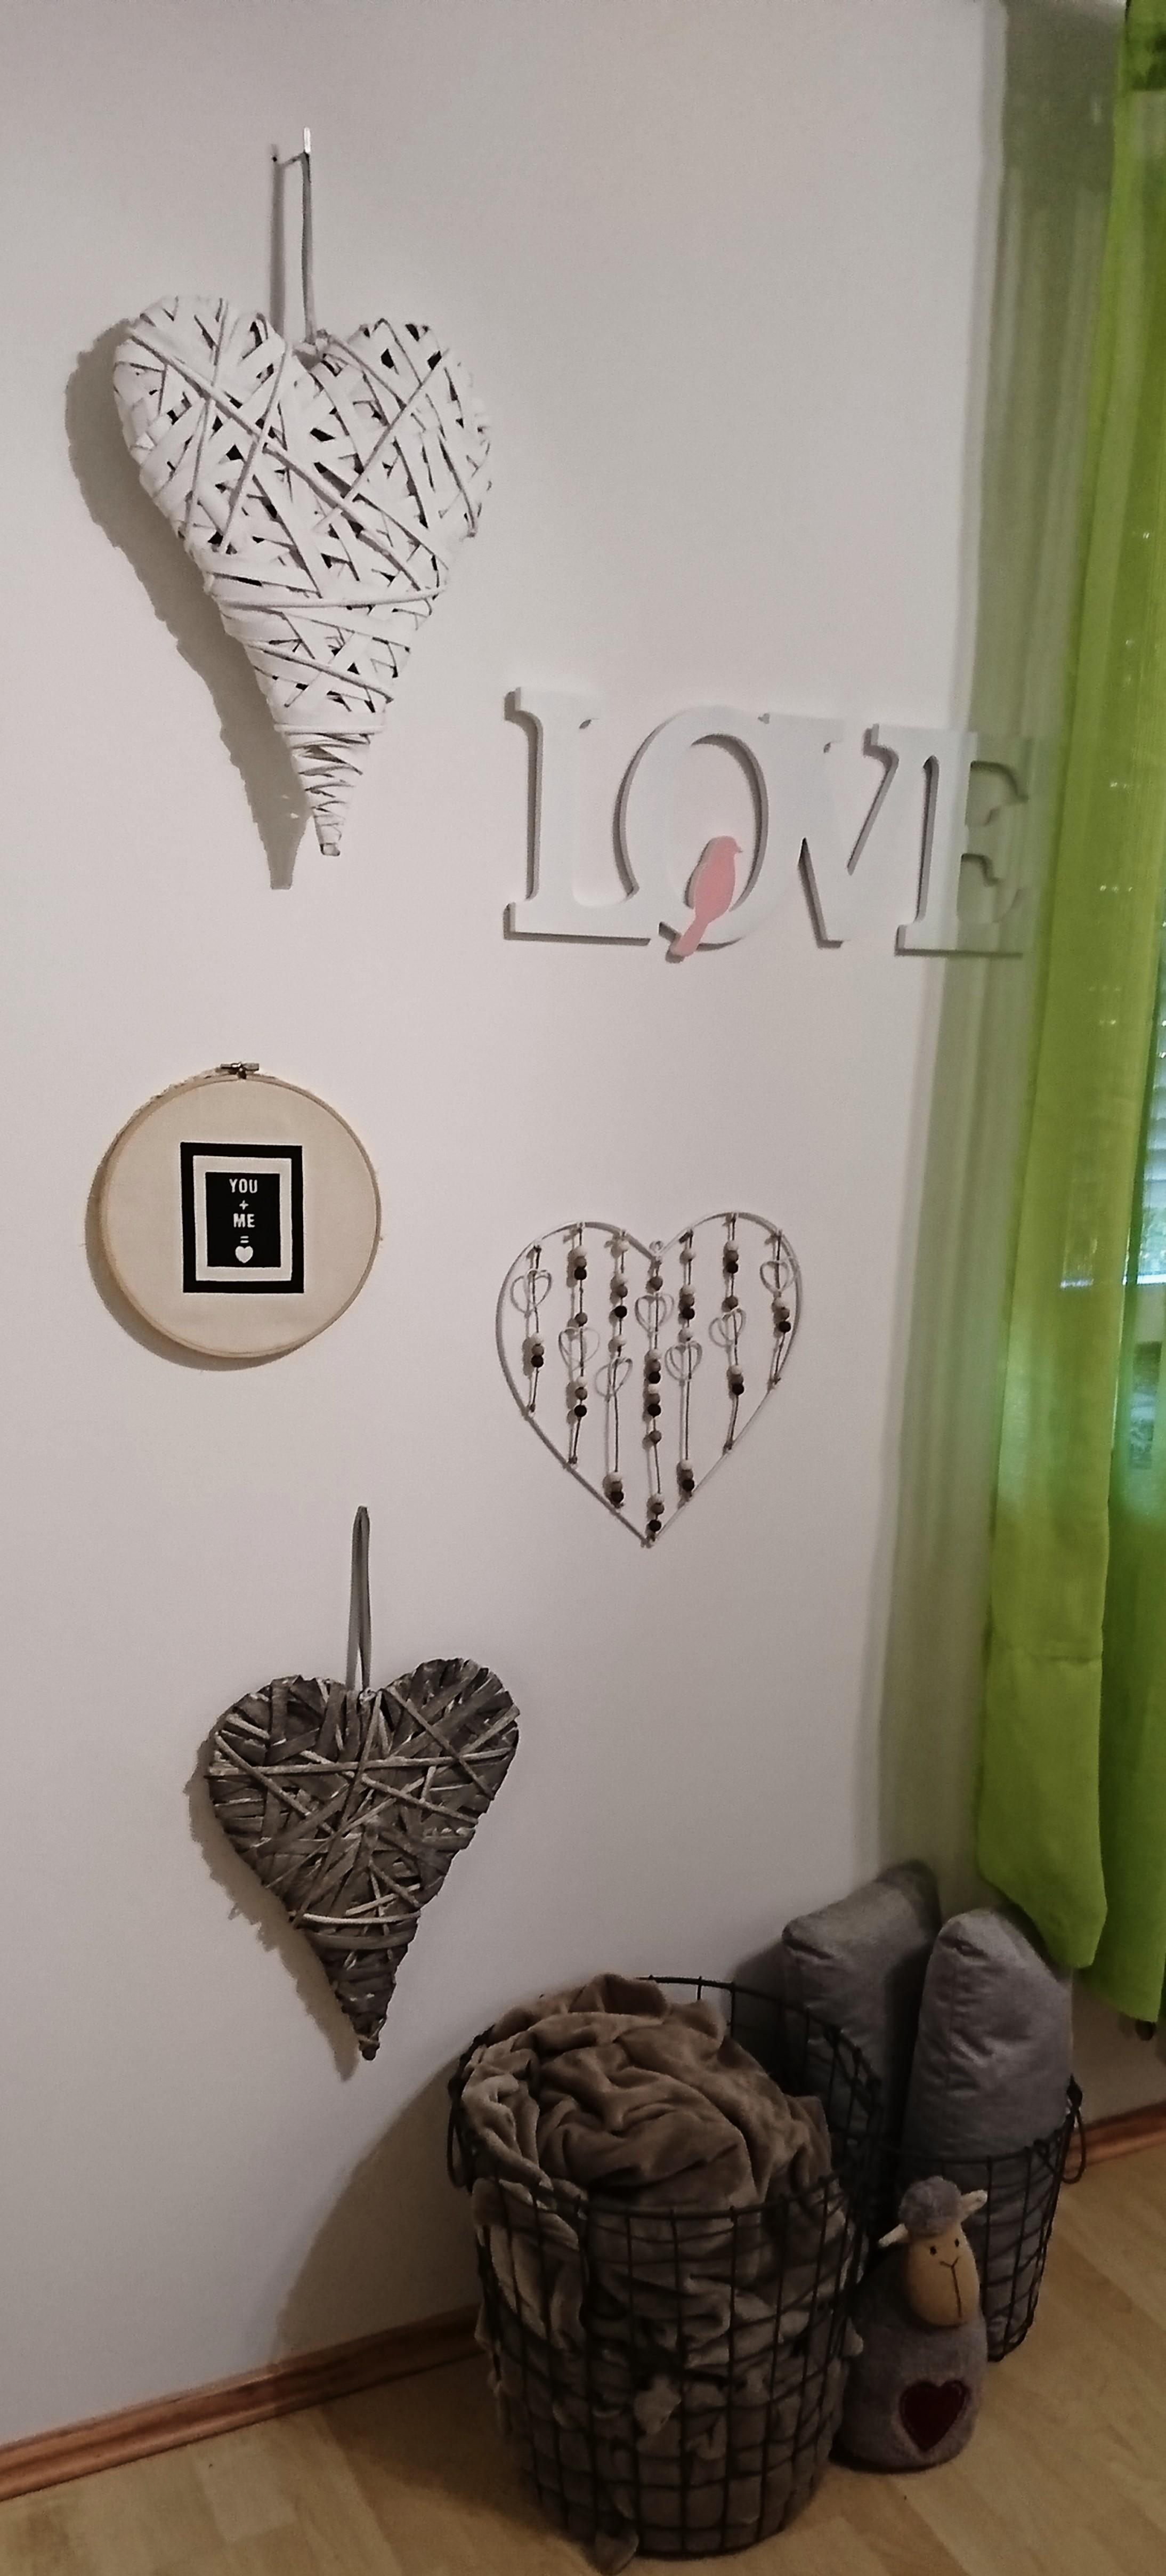 #wandgestaltung #schlafzimmer #love #wanddeko #decke #aufbewahrung #weiß # Grau